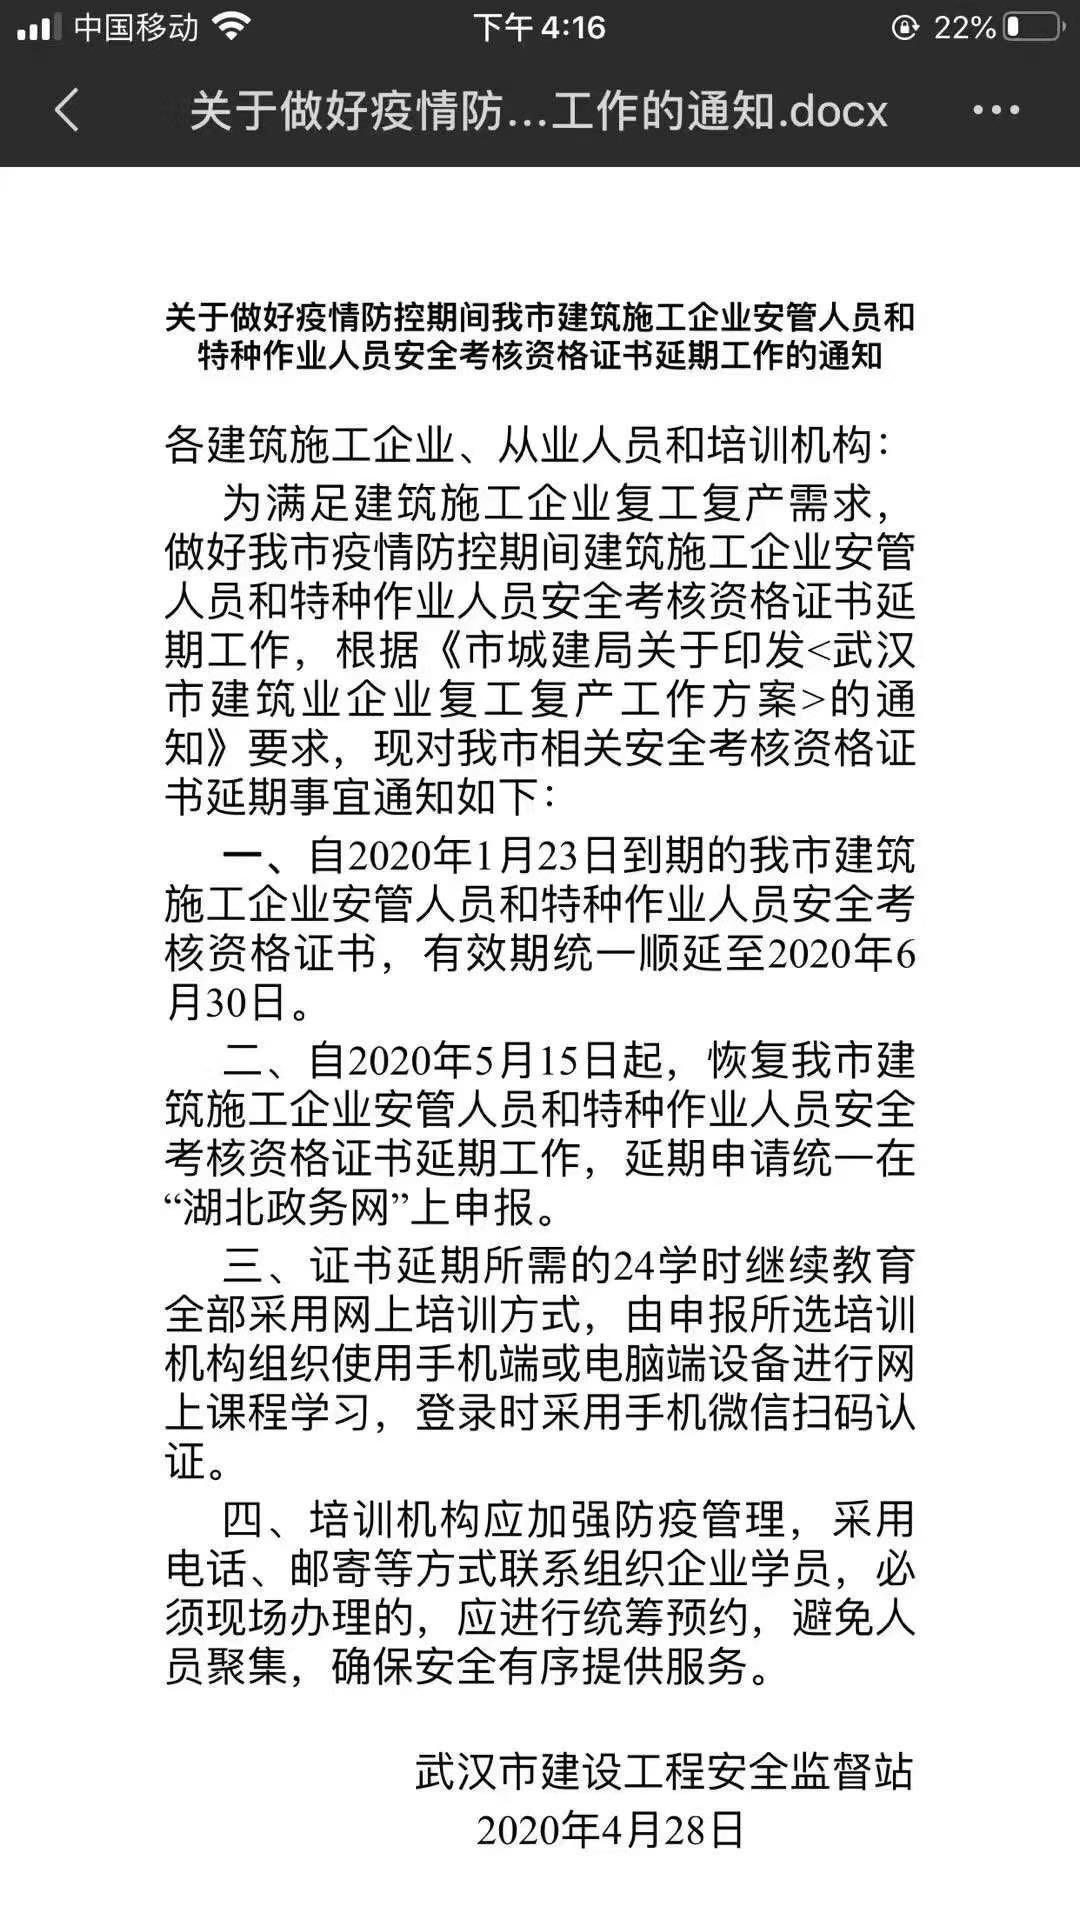 2020年湖北武汉安全员ABC三类人员和特种工证书延期恢复啦,5月15号开始网上办理